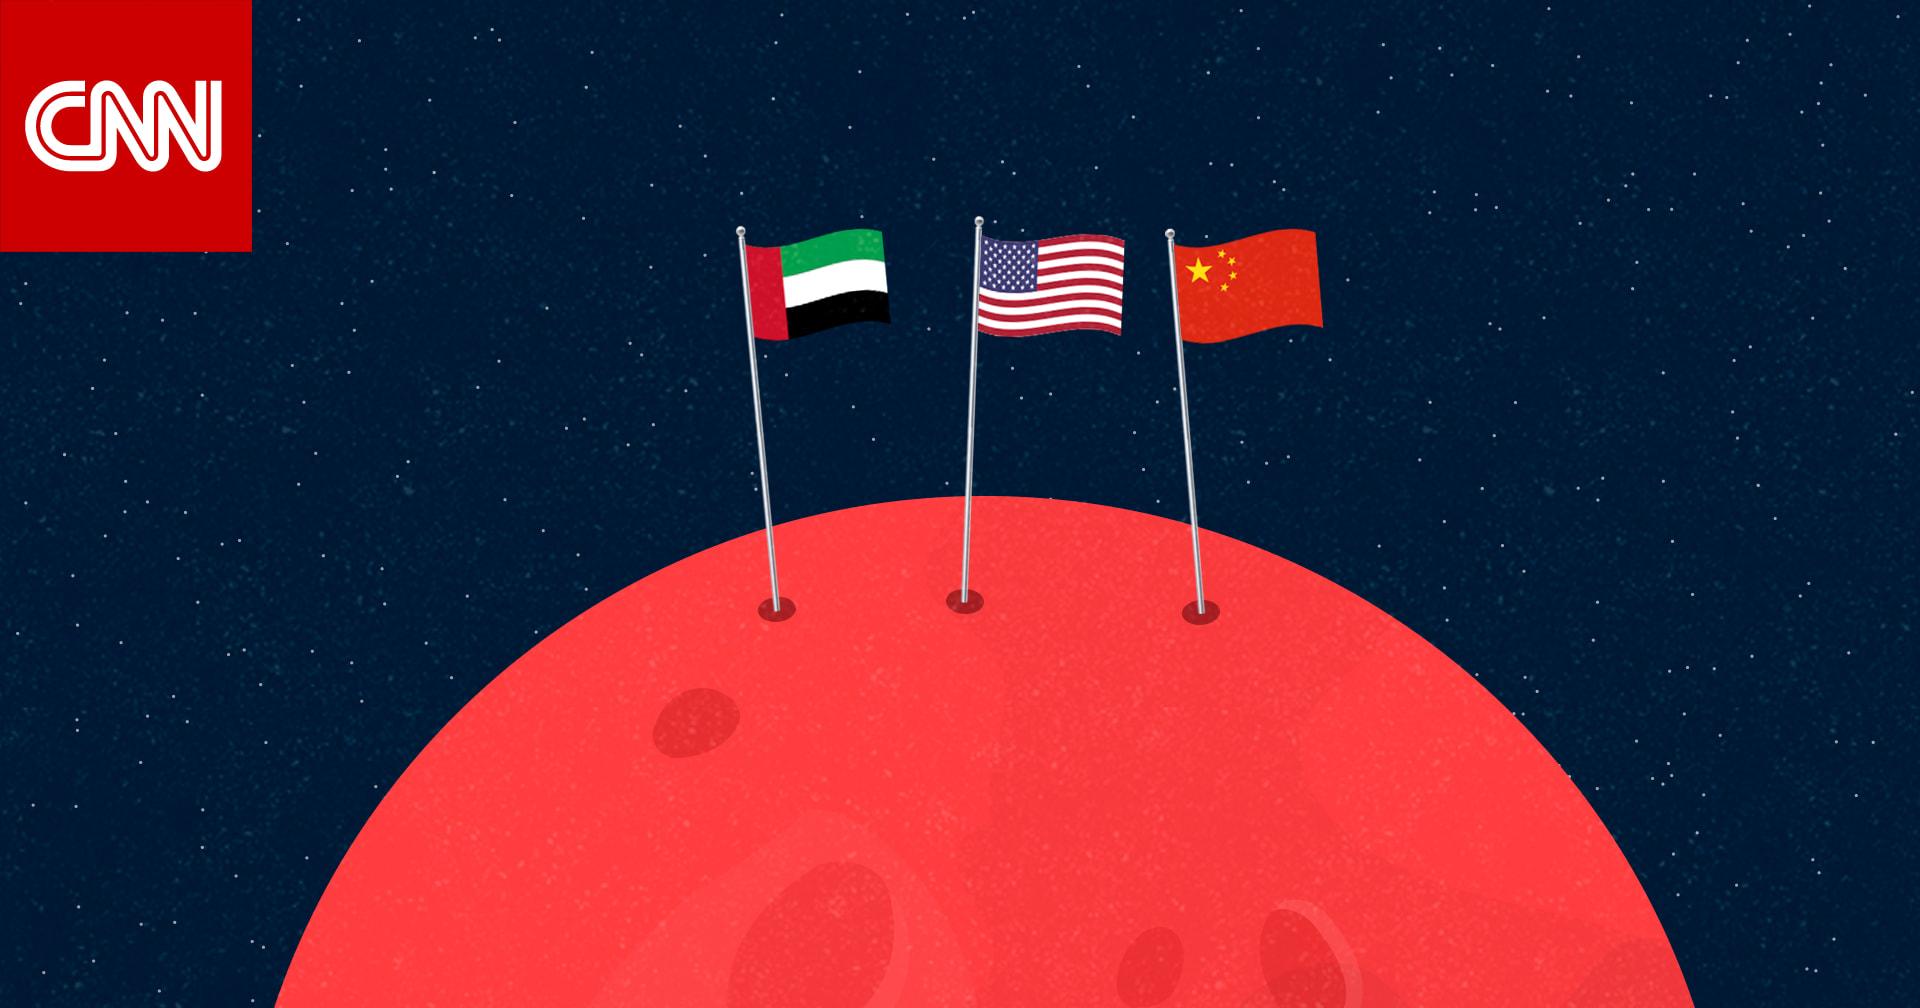 """""""بيرسيفيرانس"""" تصل المريخ اليوم.. كيف تختلف مهمة ناسا عن """"مسبار الأمل"""" الإماراتي والمهمة الصينية؟"""